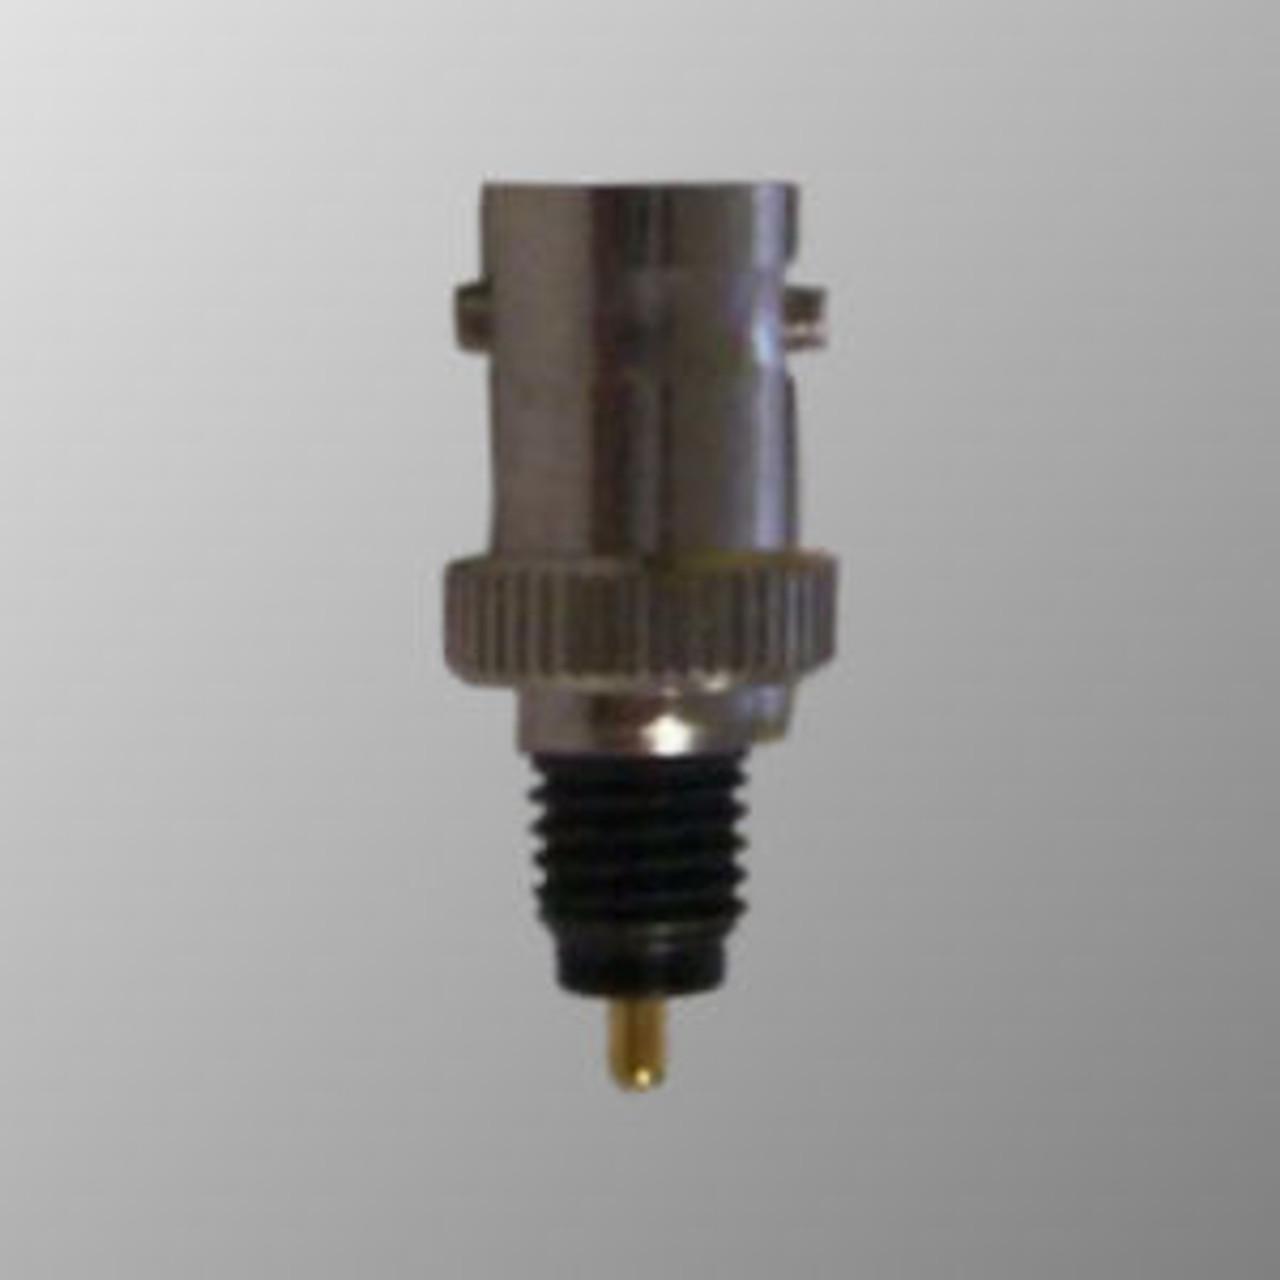 Harris P7100 VHF/UHF Long Range External Mag Mount Antenna Kit- 132-525MHz